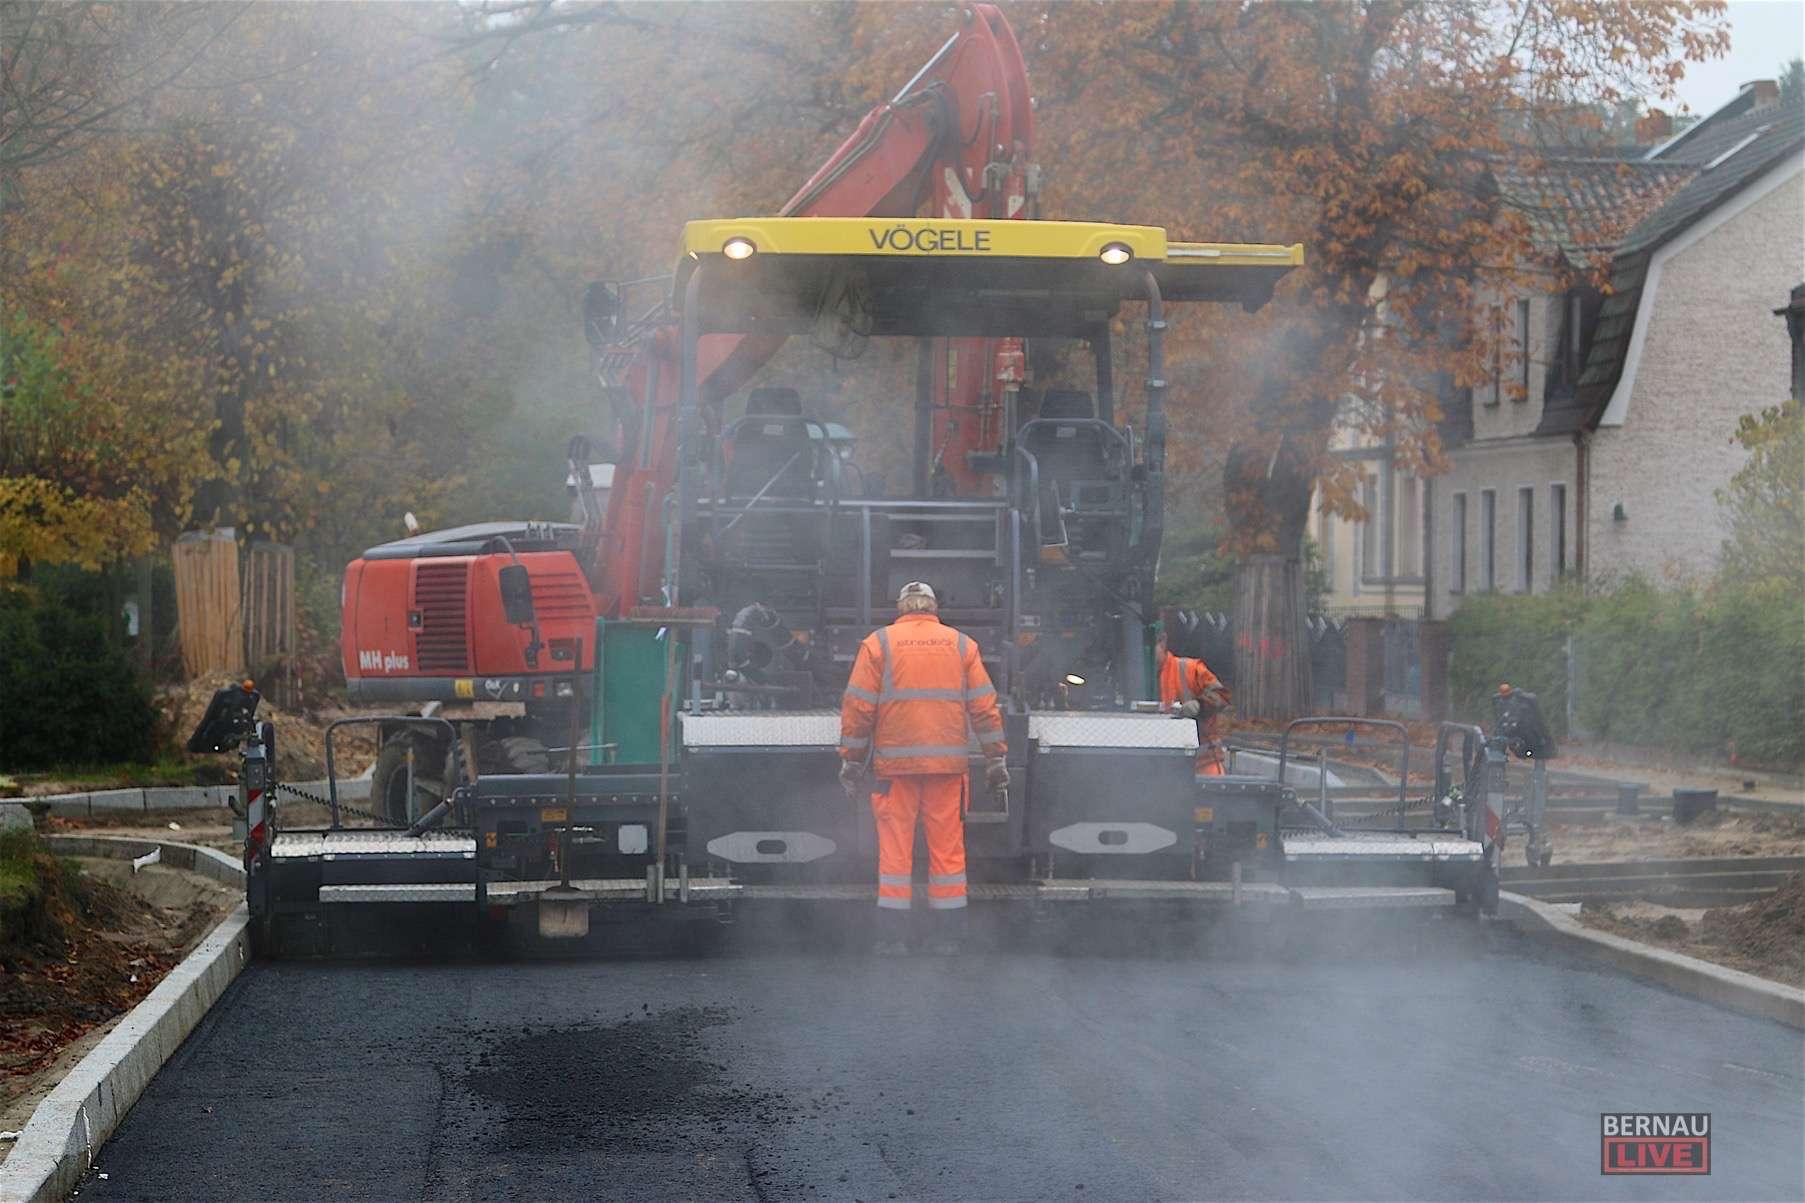 BVB / FREIE WÄHLER für sofortigen Stopp von Straßenausbaubeiträgen